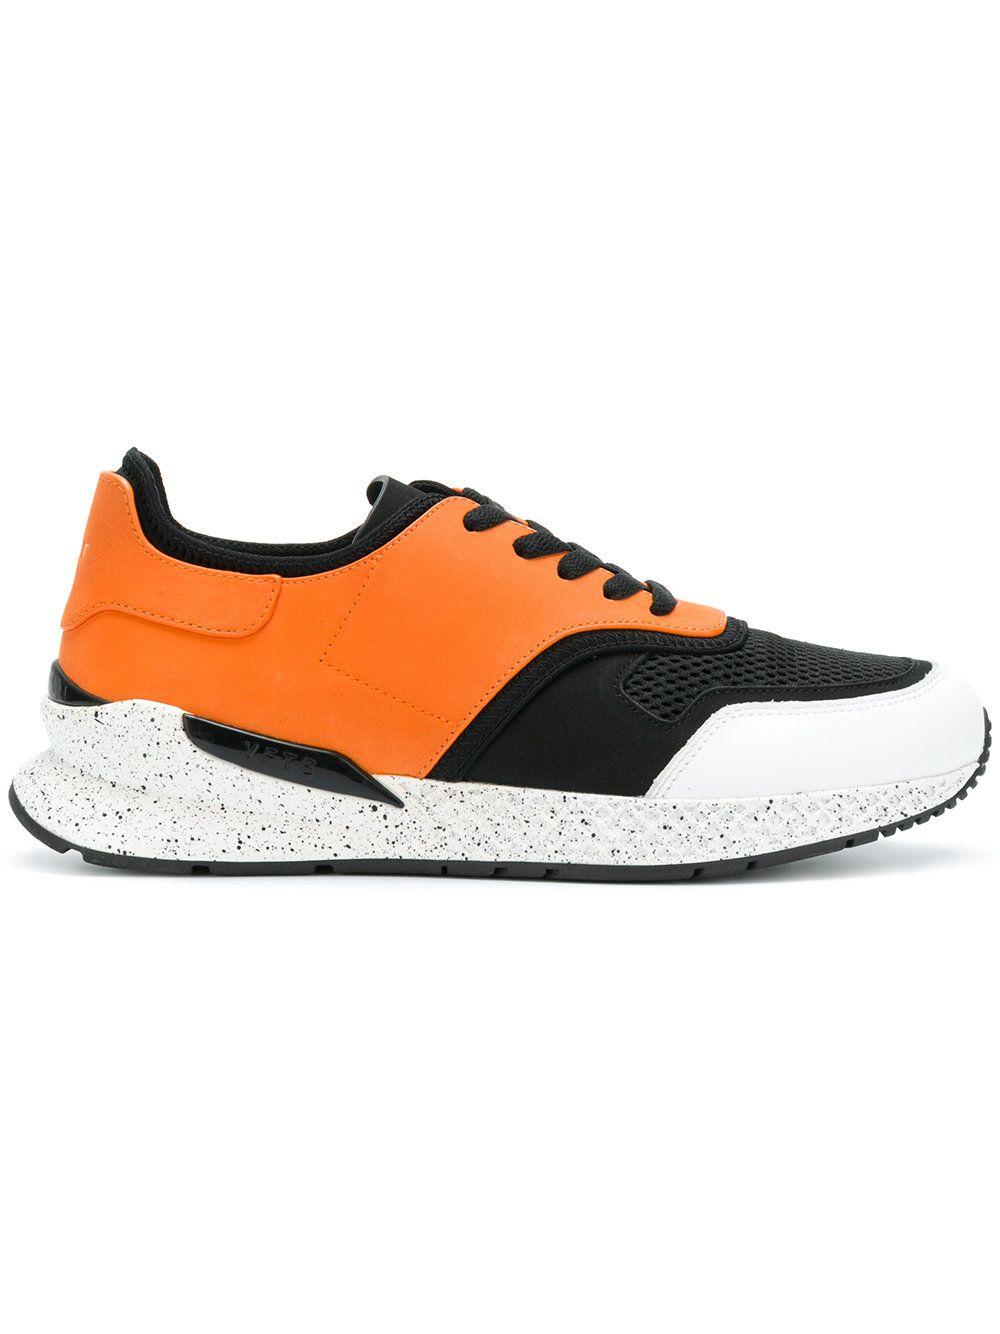 c6a16f60 Vfts zapatillas 1ST | Deportivos boys | Zapatillas, Calzas y Deportes